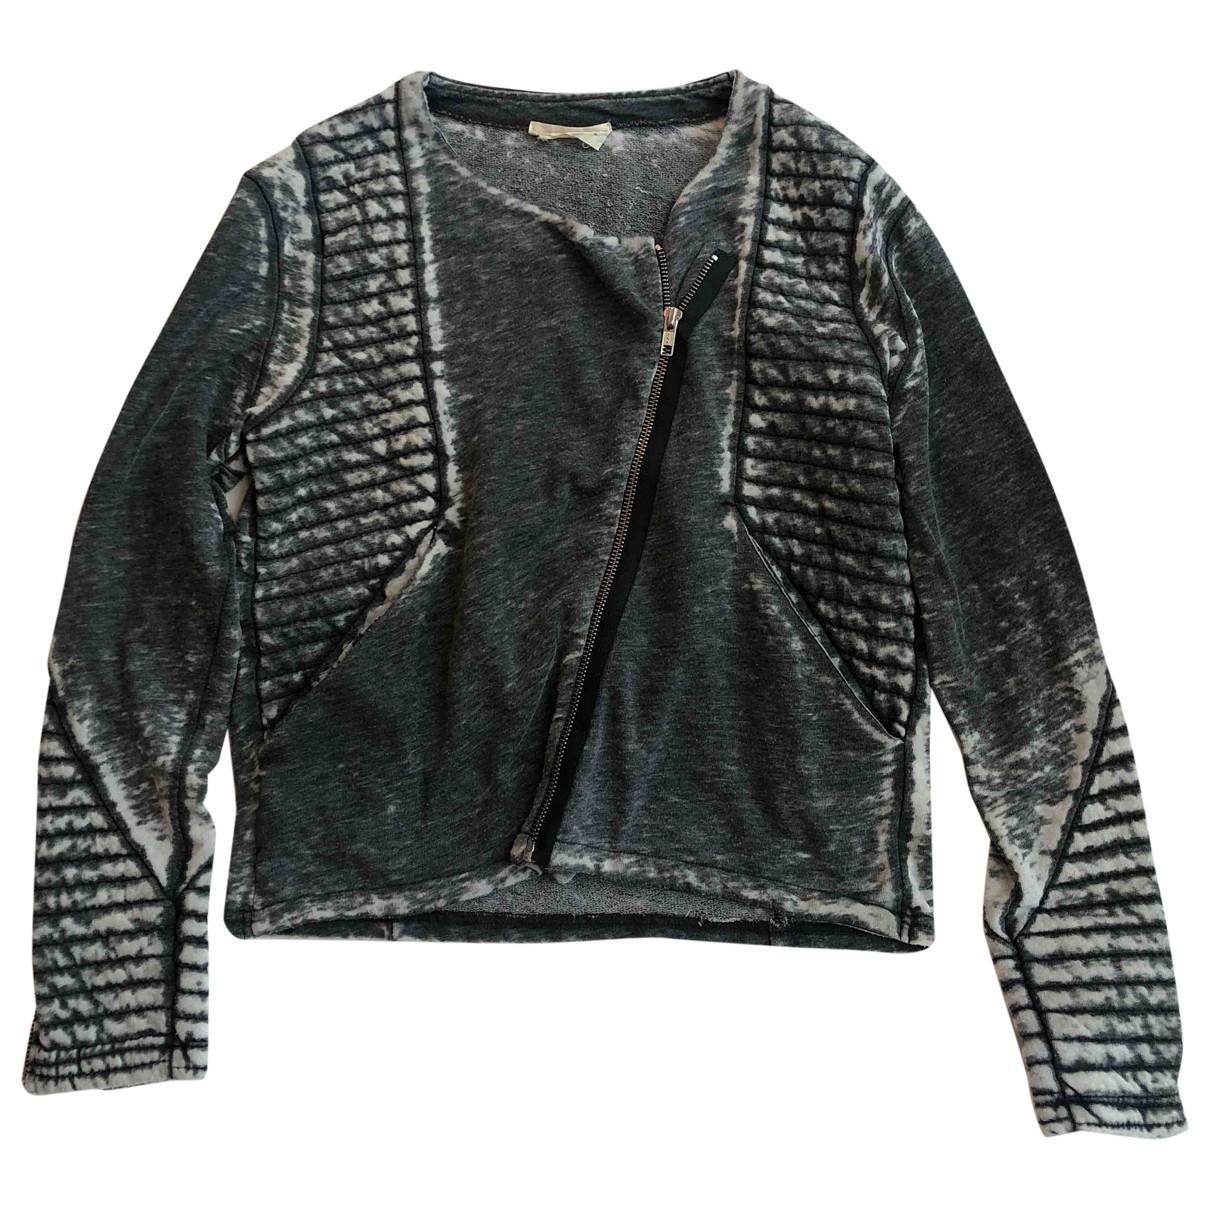 American Vintage \N Jacke in  Grau Baumwolle